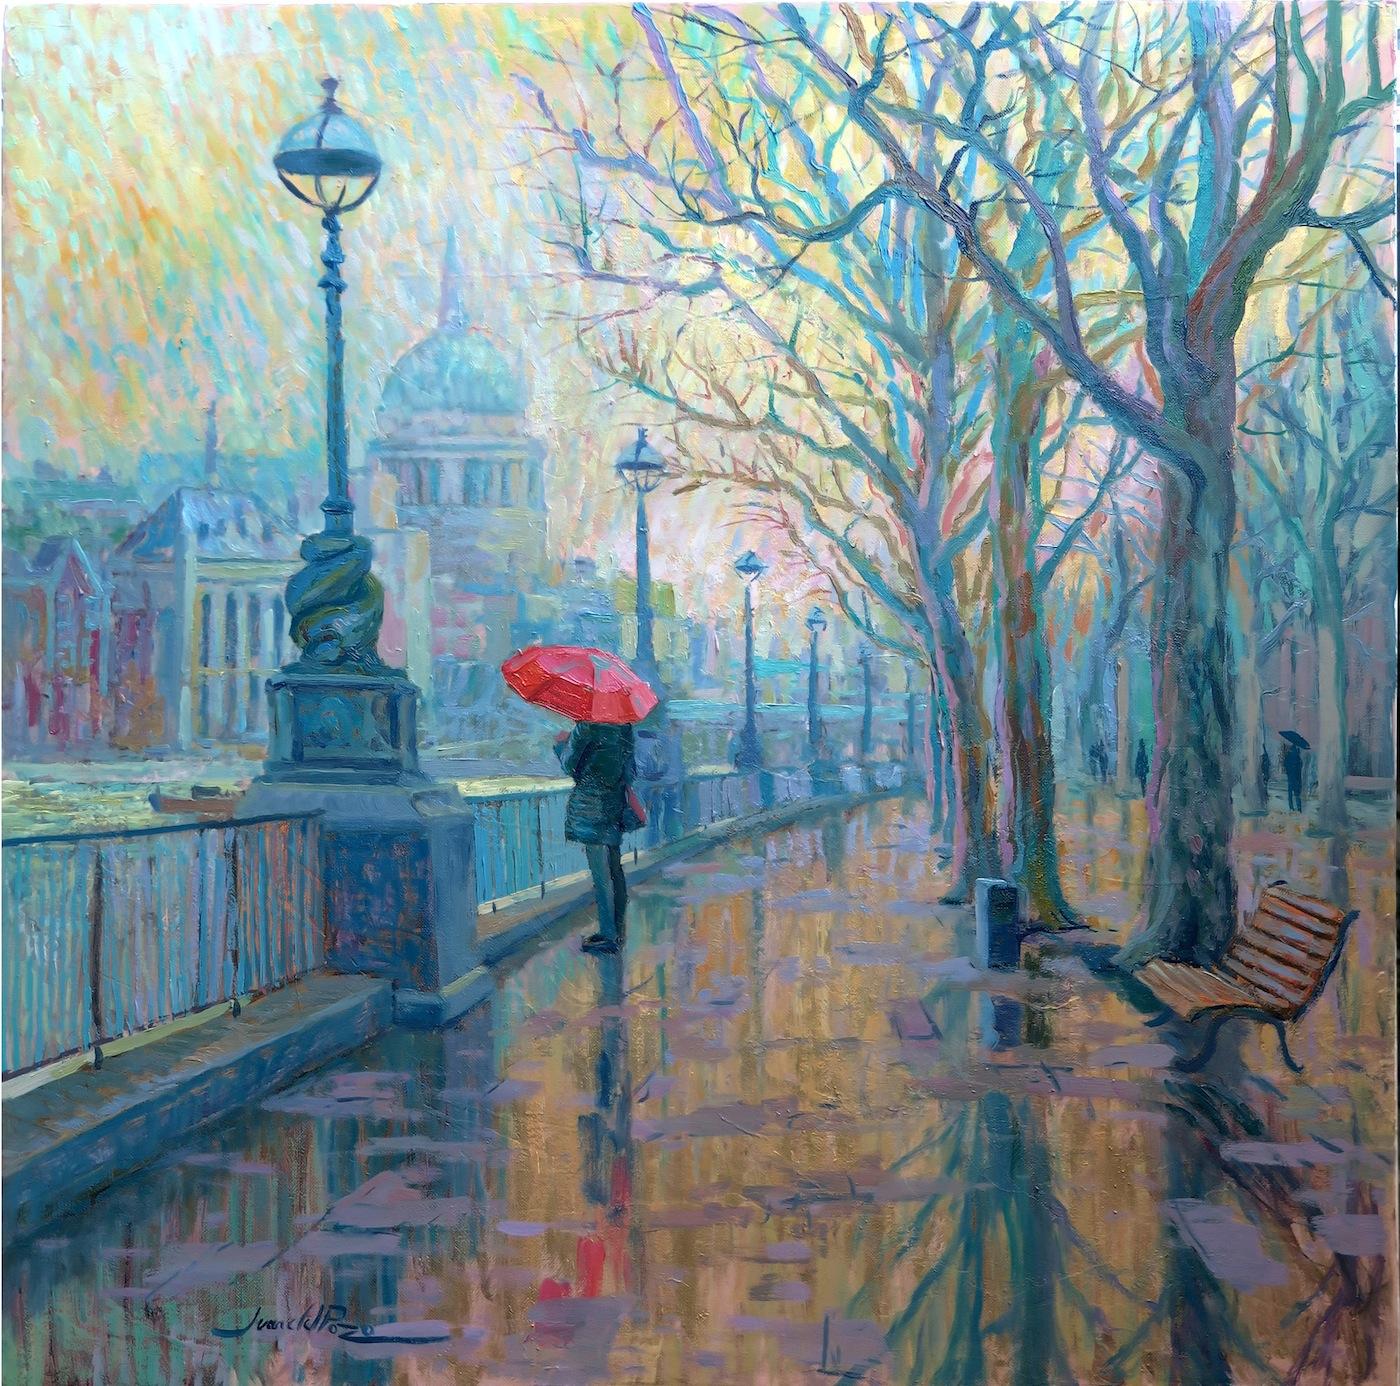 Red umbrella2